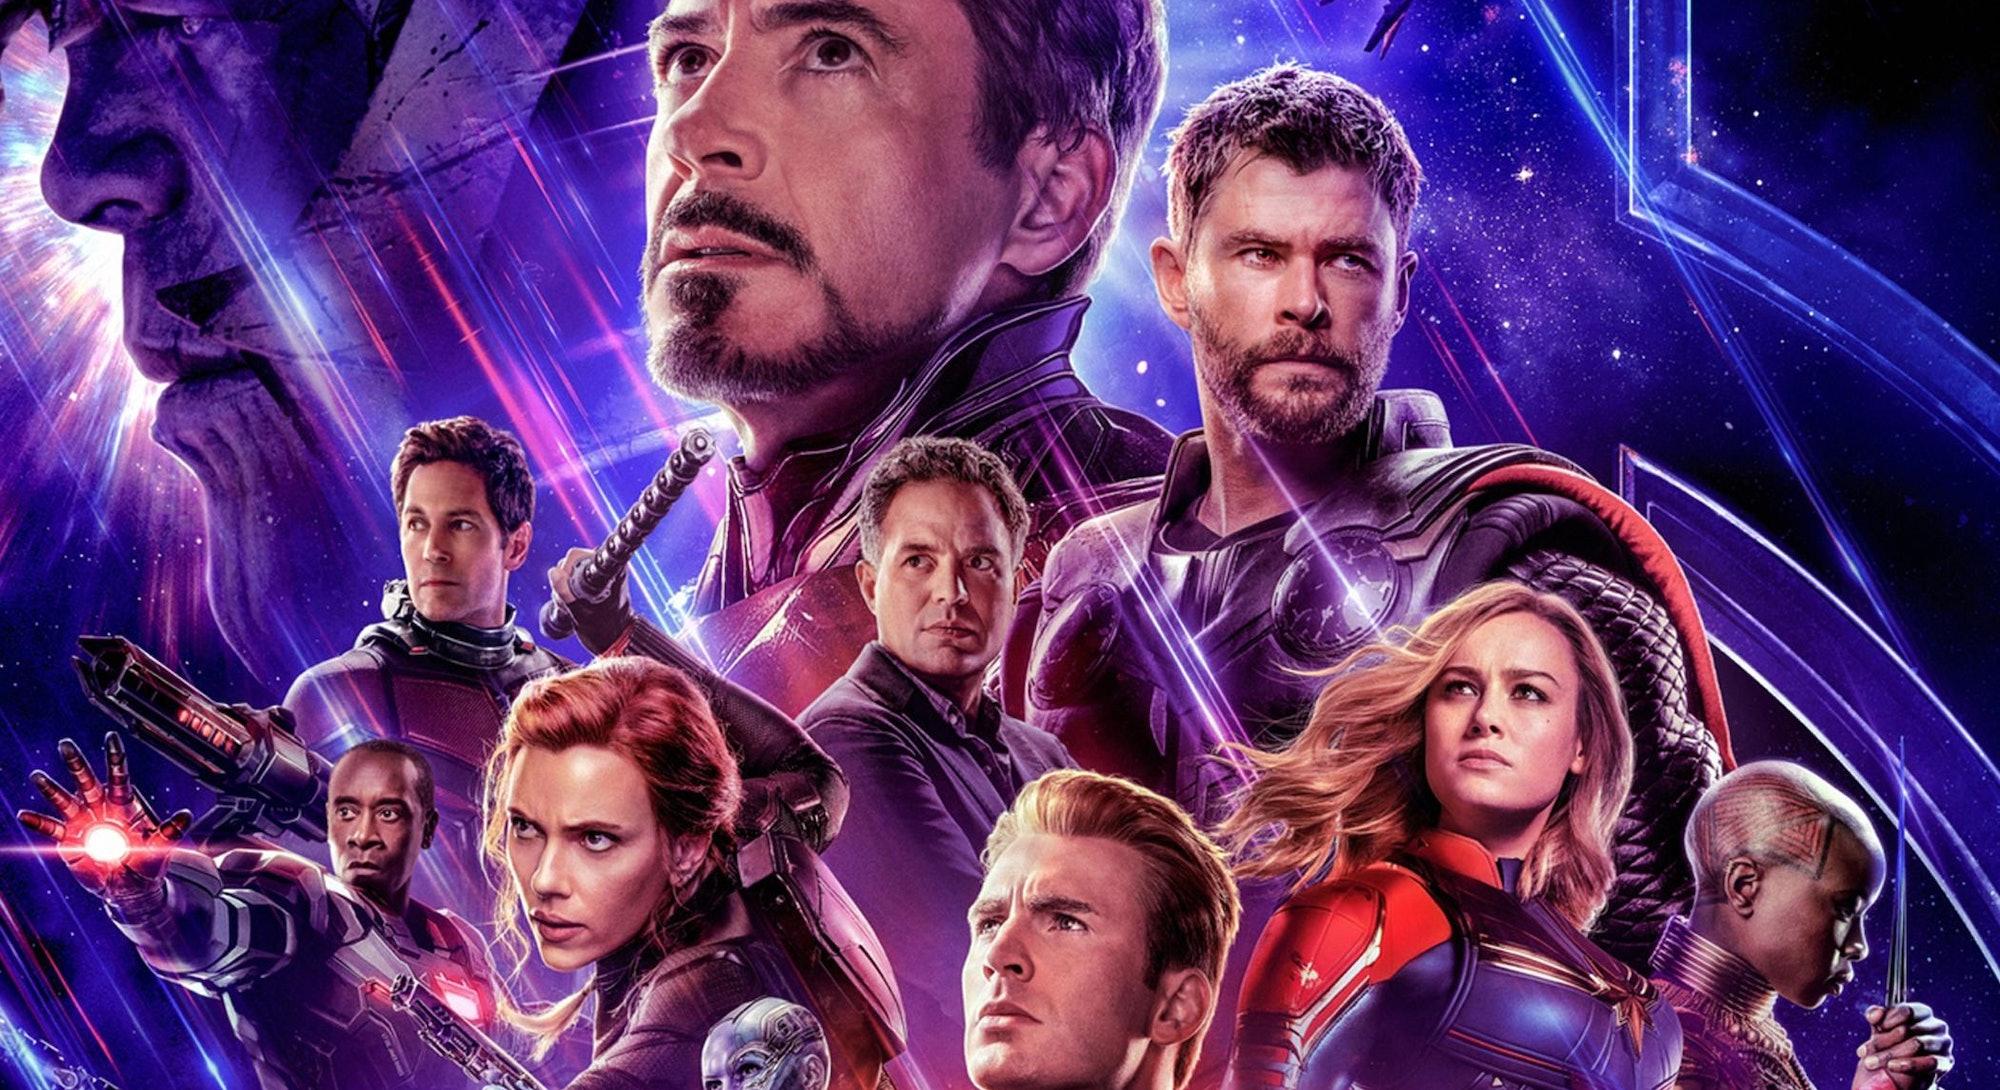 avengers endgame character poster